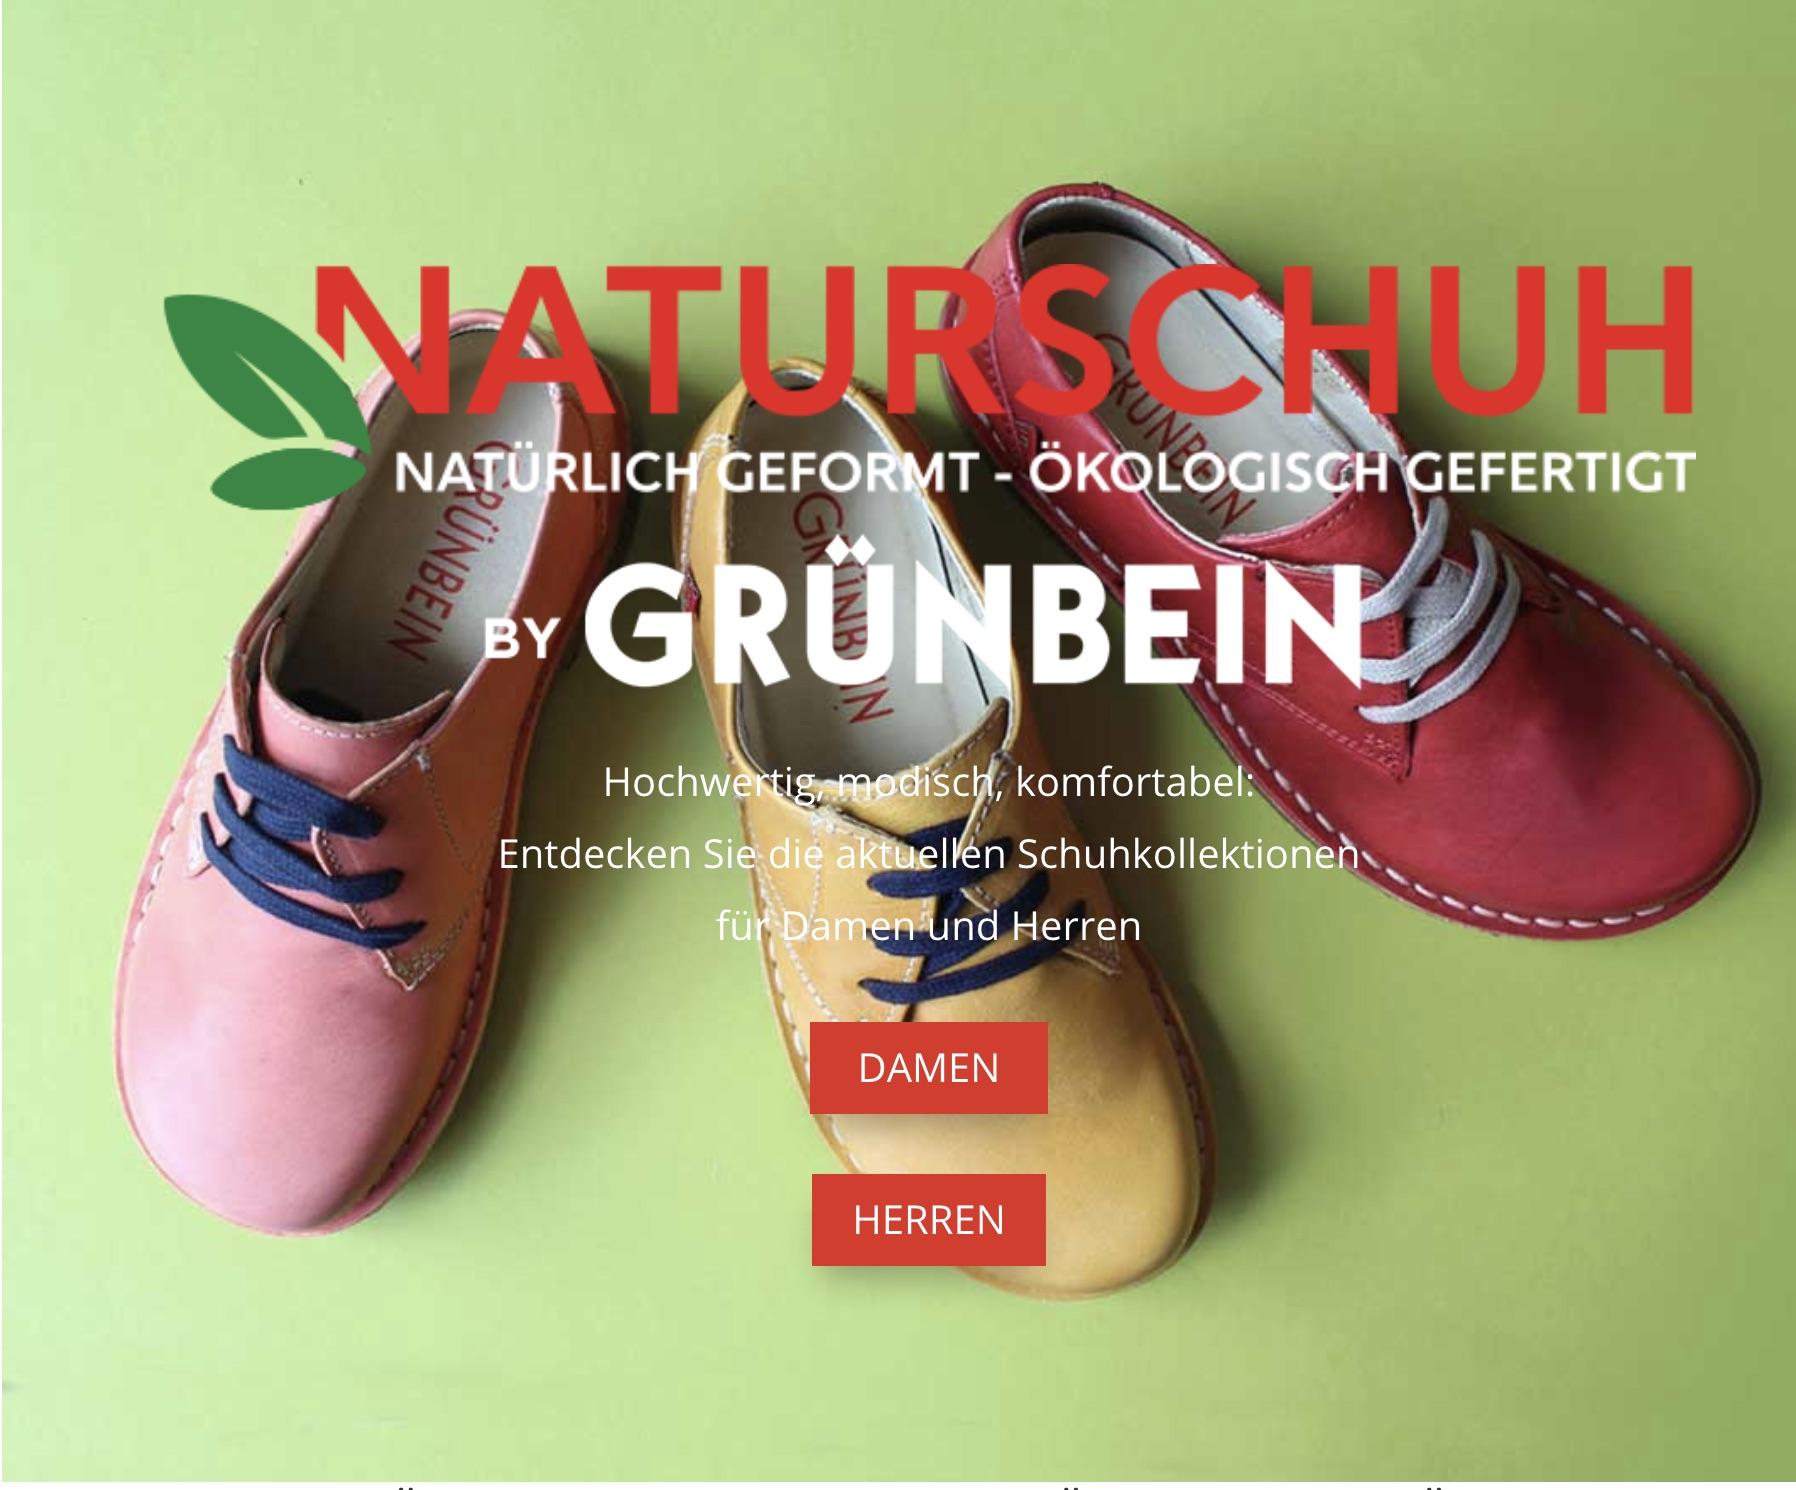 Naturschuh by Gruenbein